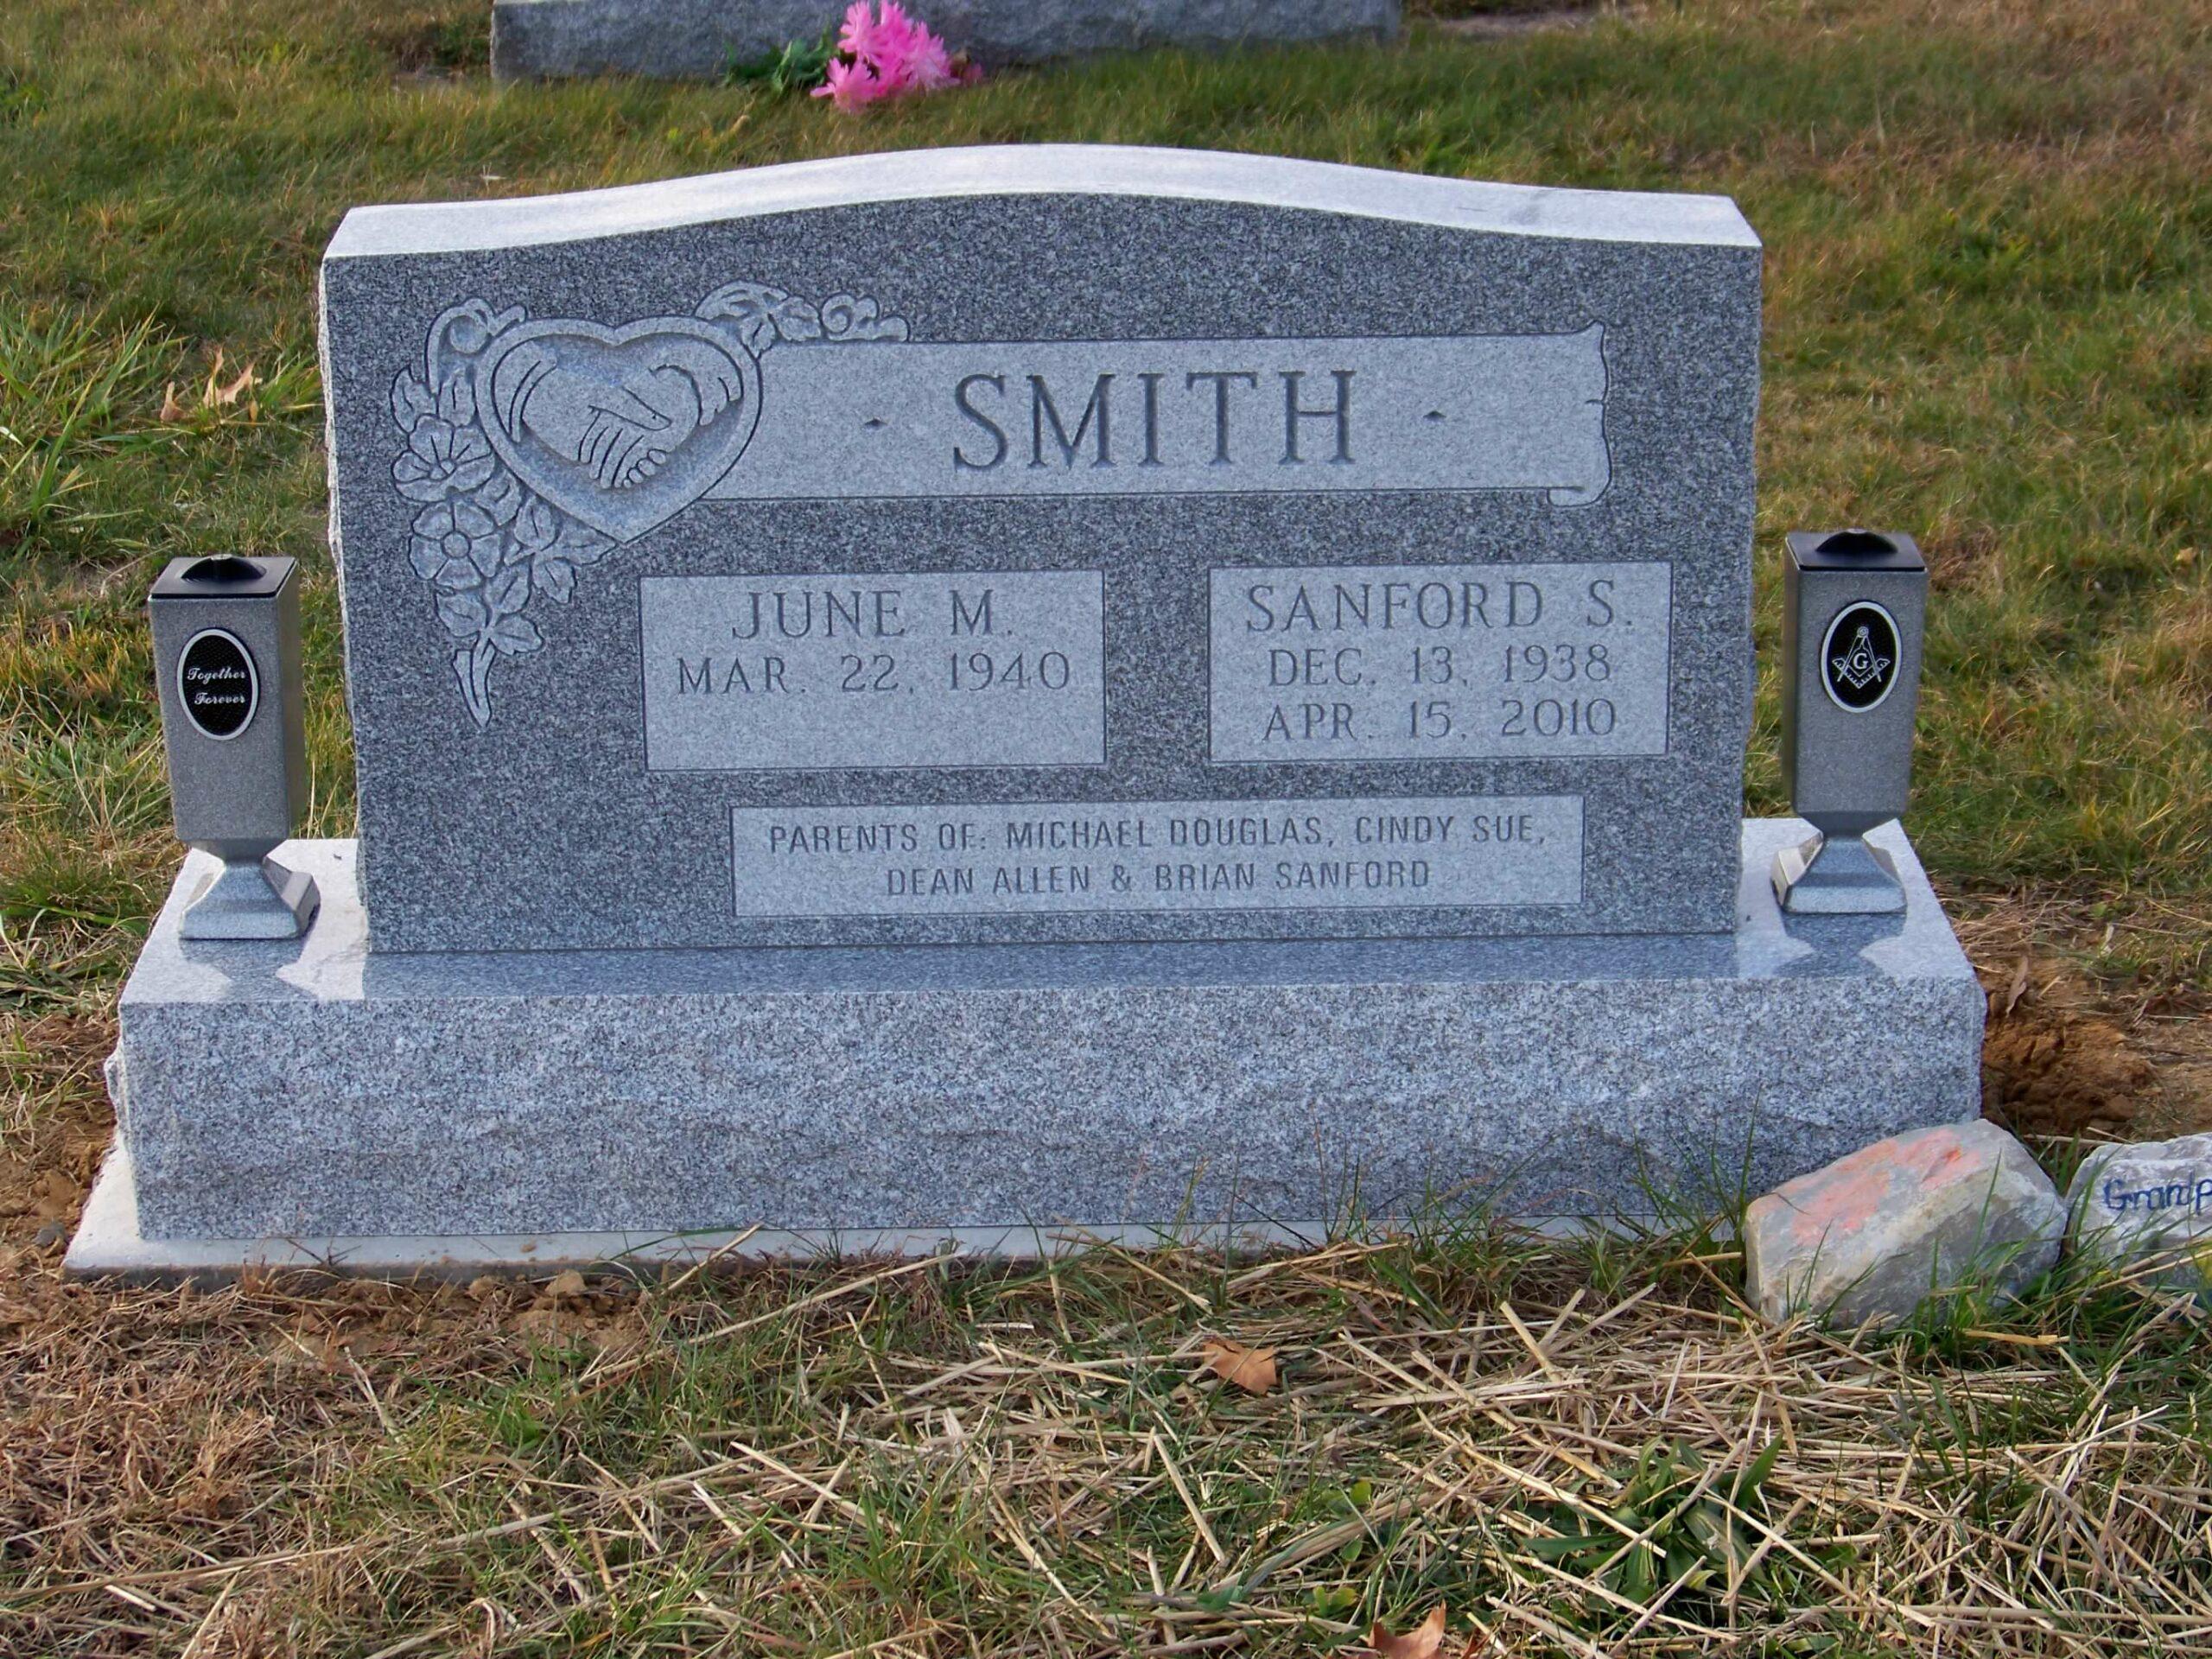 Smith, June M.